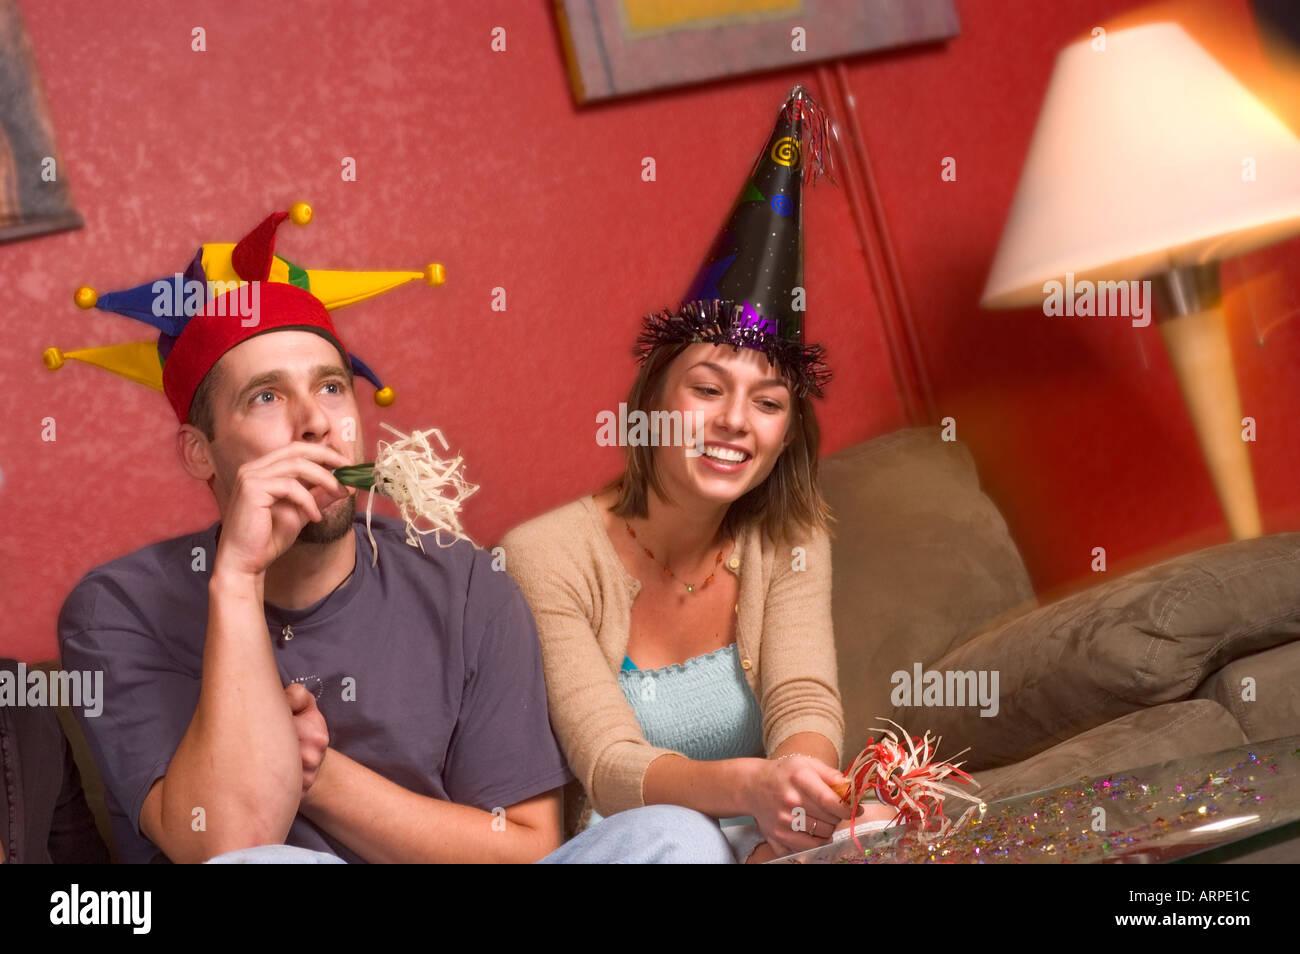 Los jóvenes de sombreros de fiesta con matracas u otros objetos para hacer  ruido. Imagen 1499af30dcd